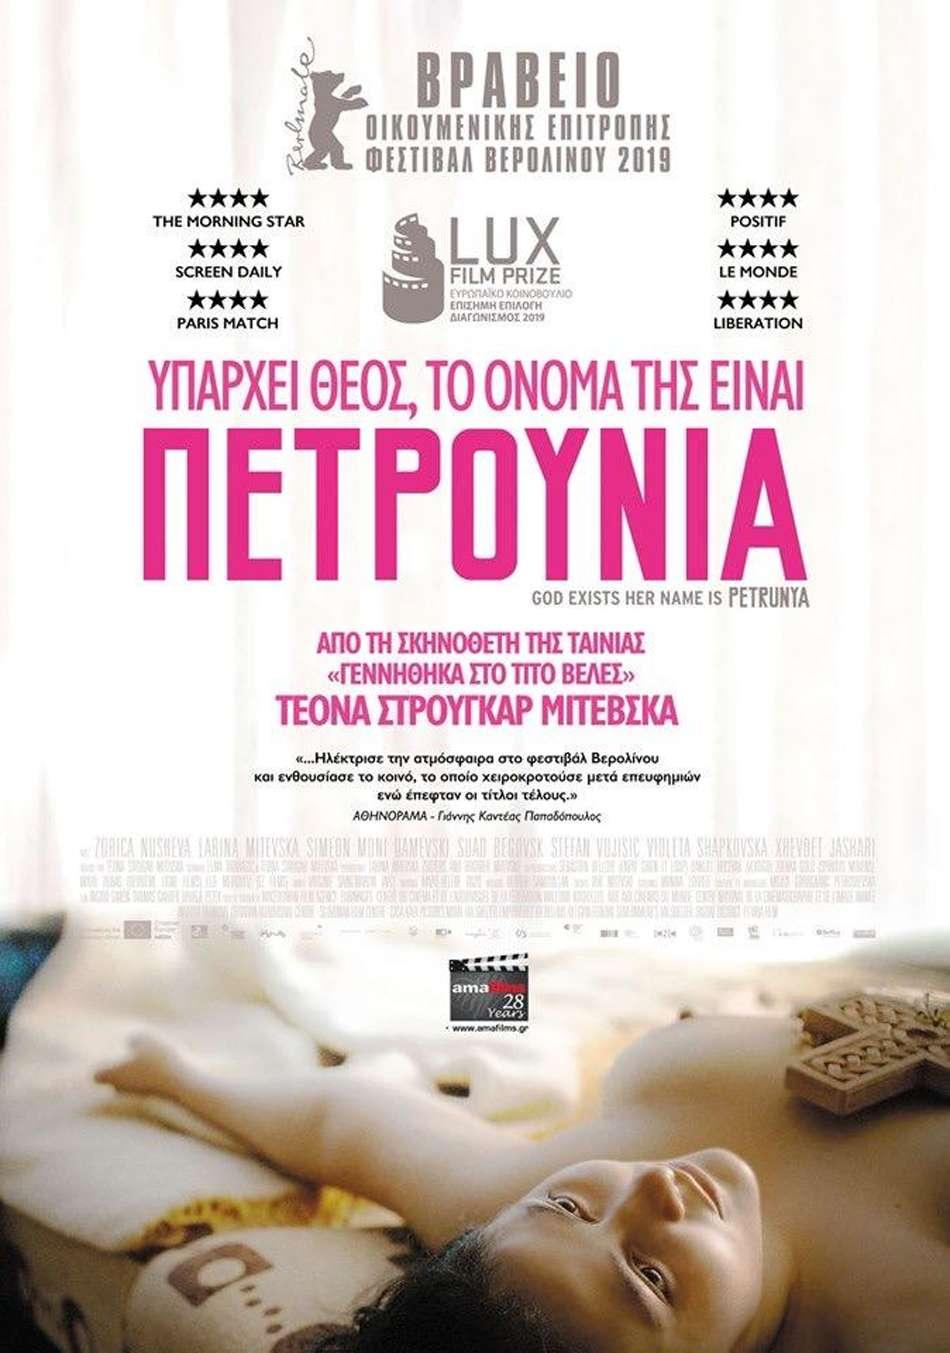 Θεός υπάρχει το όνομα της είναι Πετρούνια (Gospod postoi, imeto i' e Petrunija) - Trailer / Τρέιλερ Poster